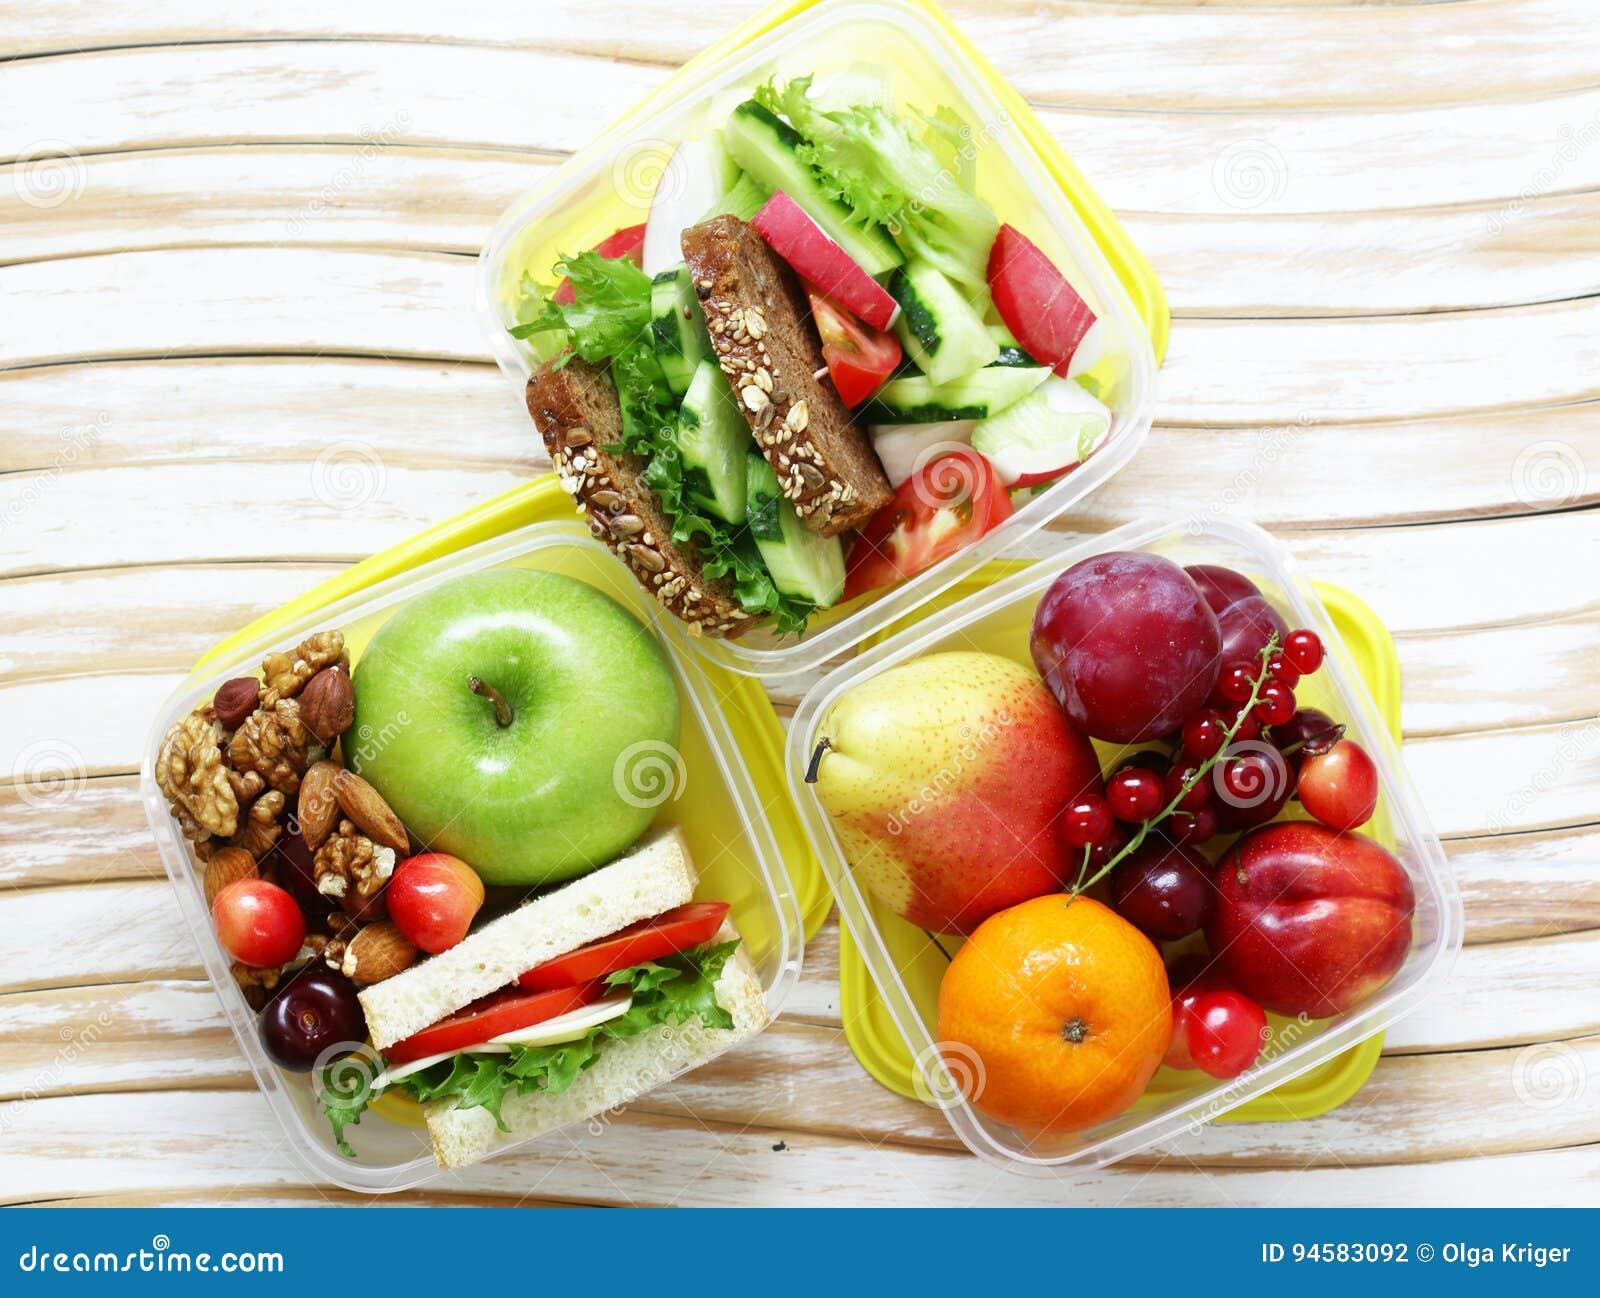 Καλαθάκι με φαγητό για την υγιή κατανάλωση